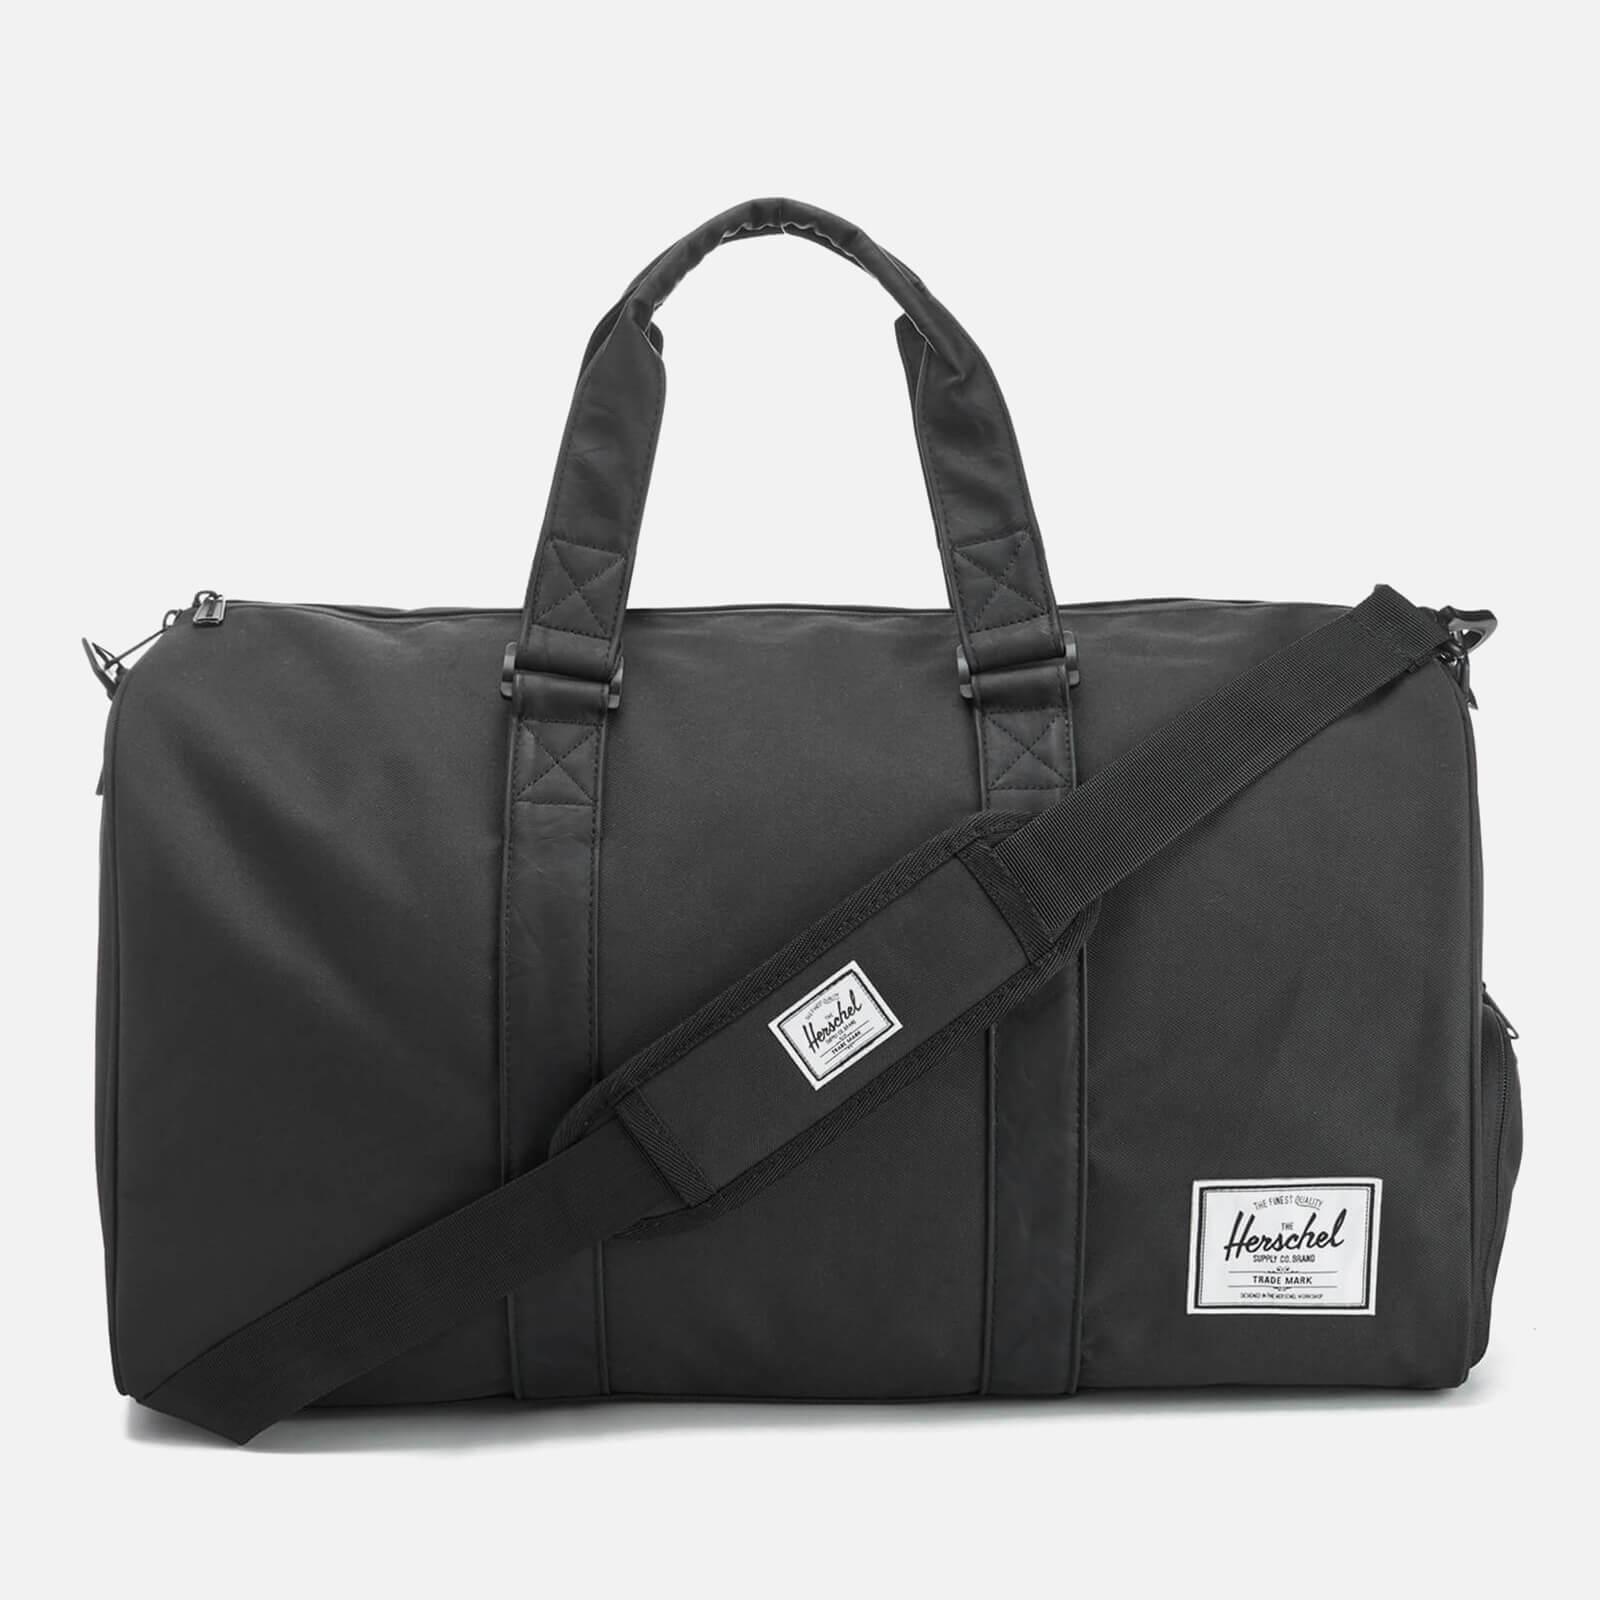 868f075973a Herschel Supply Co. Men s Novel Duffle Weekend Bag - Black Mens Accessories